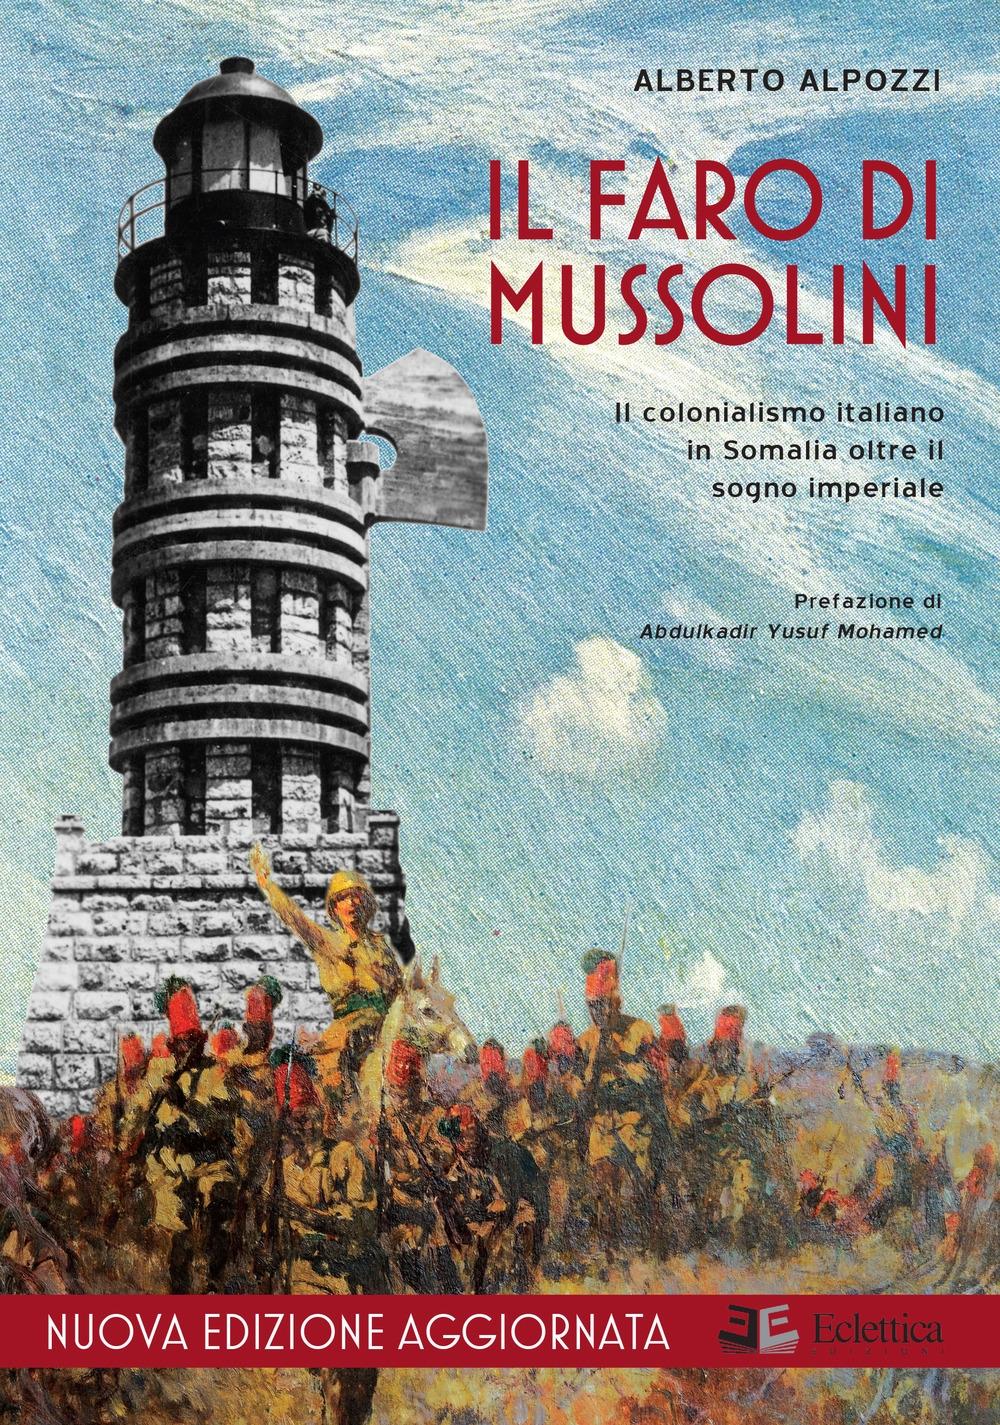 Il Faro di Mussolini. Il colonialismo italiano in somalia oltre il sogno imperiale